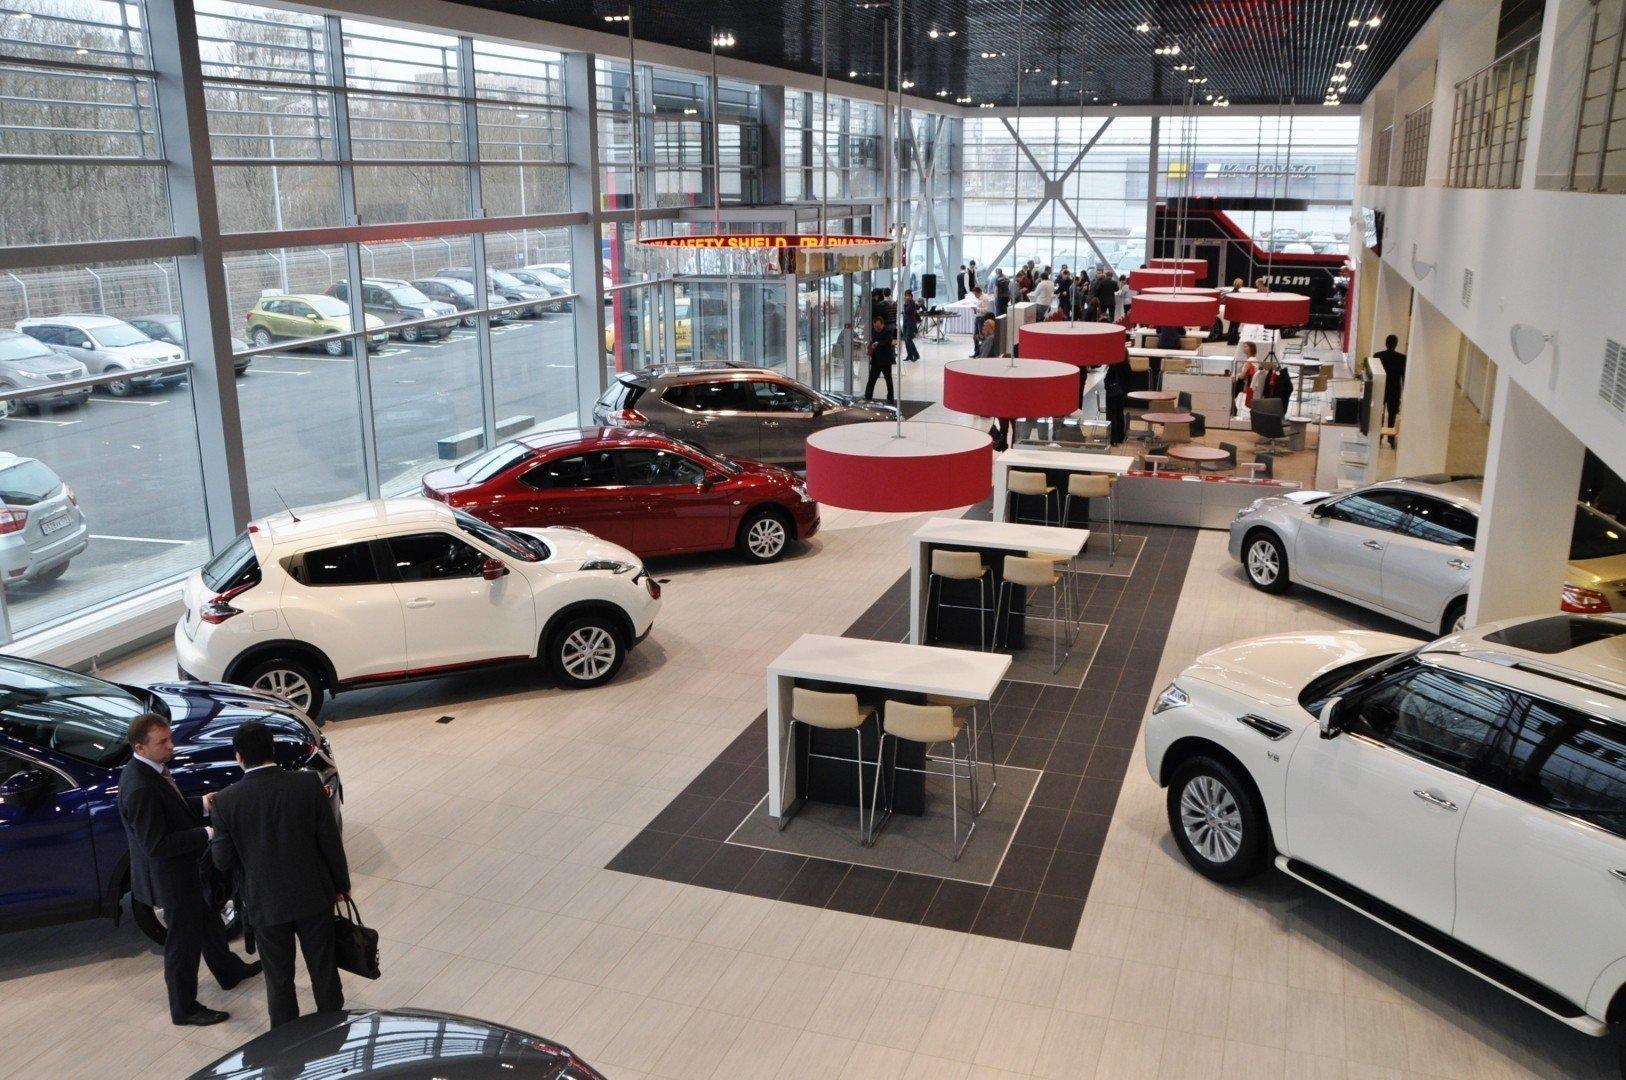 Продажи новых легковых авто могут упасть на 10%